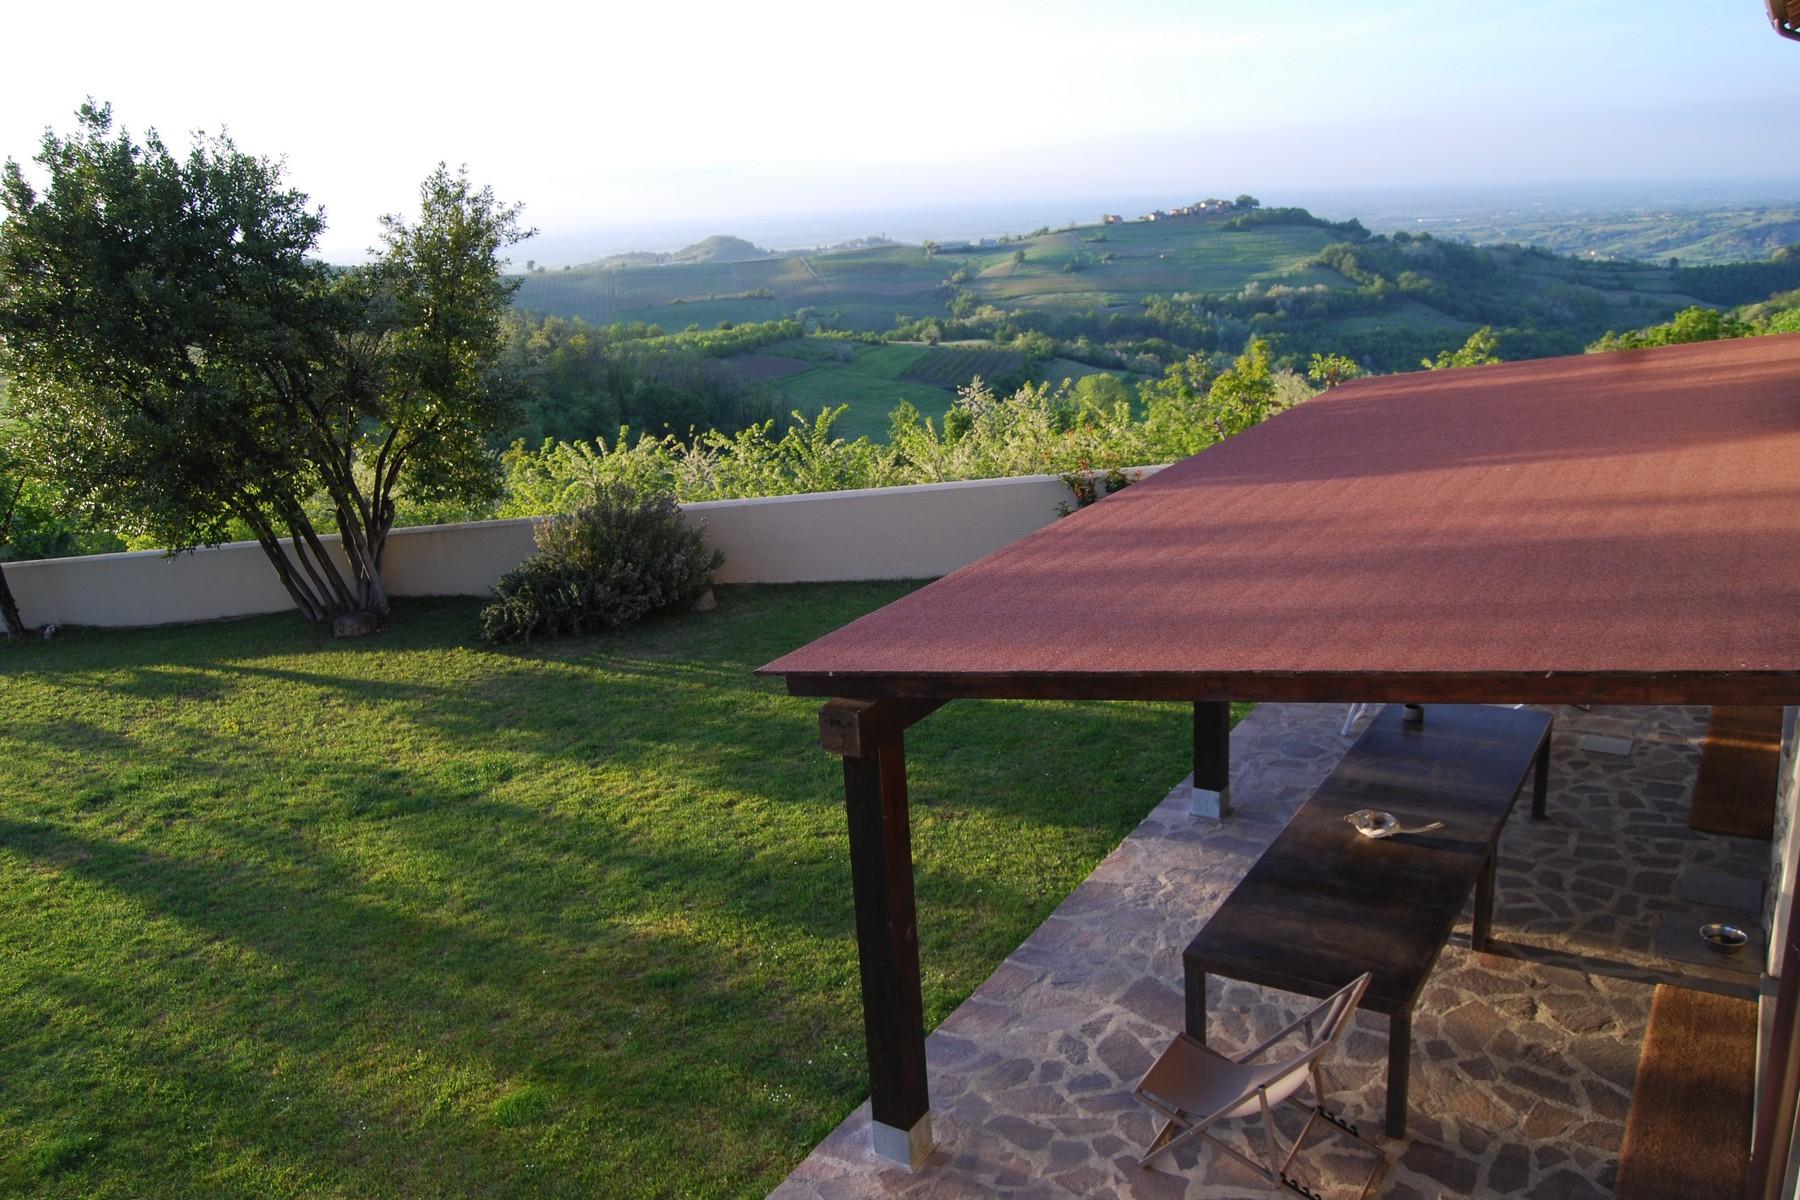 Rustico in Vendita a Montemarzino: 5 locali, 300 mq - Foto 25